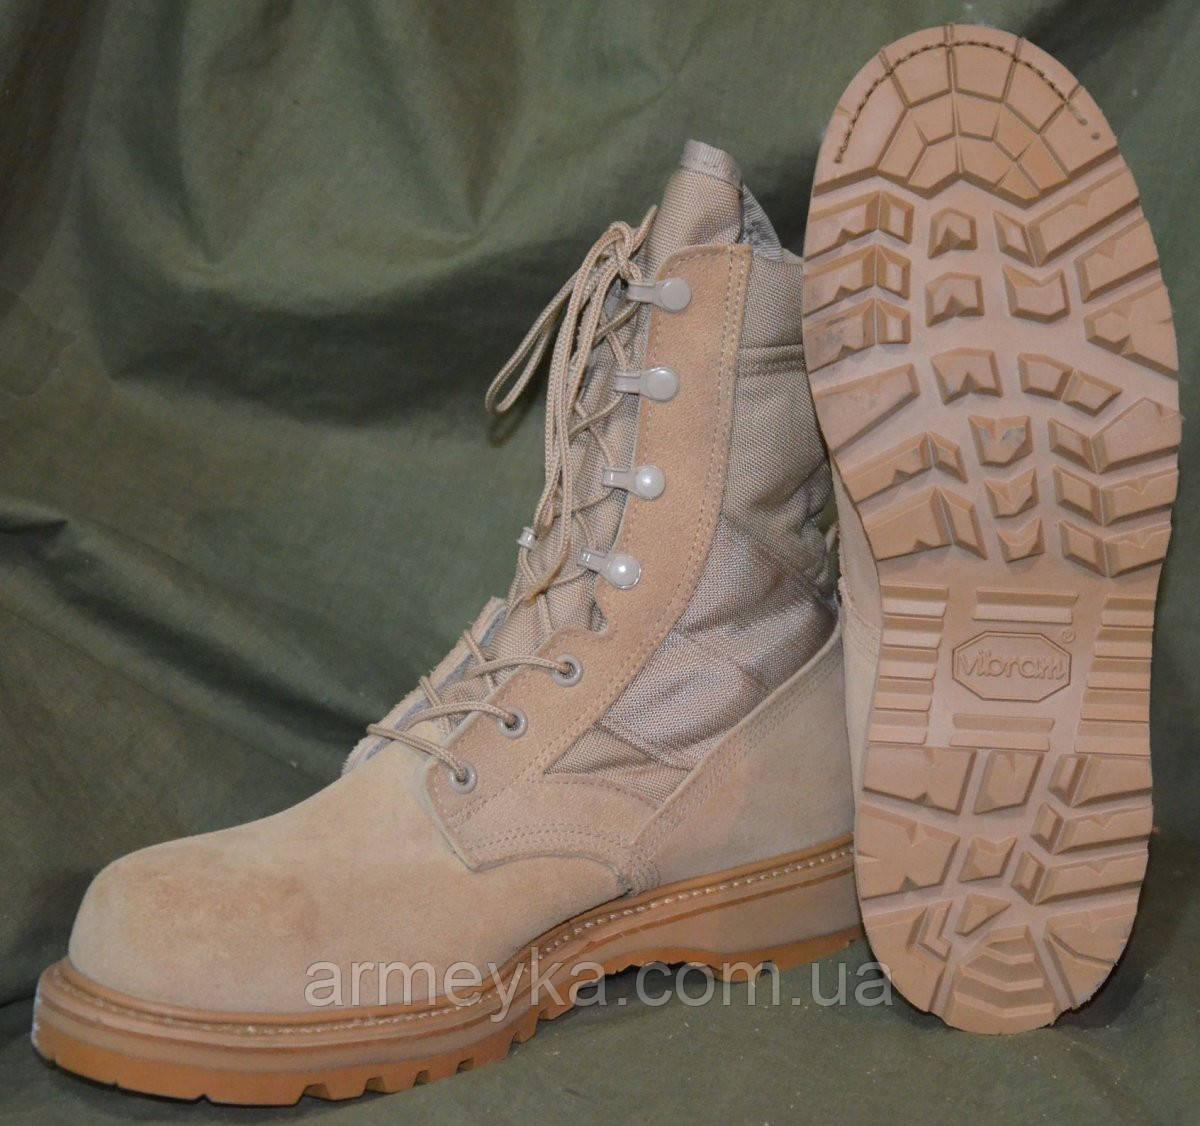 Берцы Ботинки Belleville 220 DES ST,  USA, оригинал